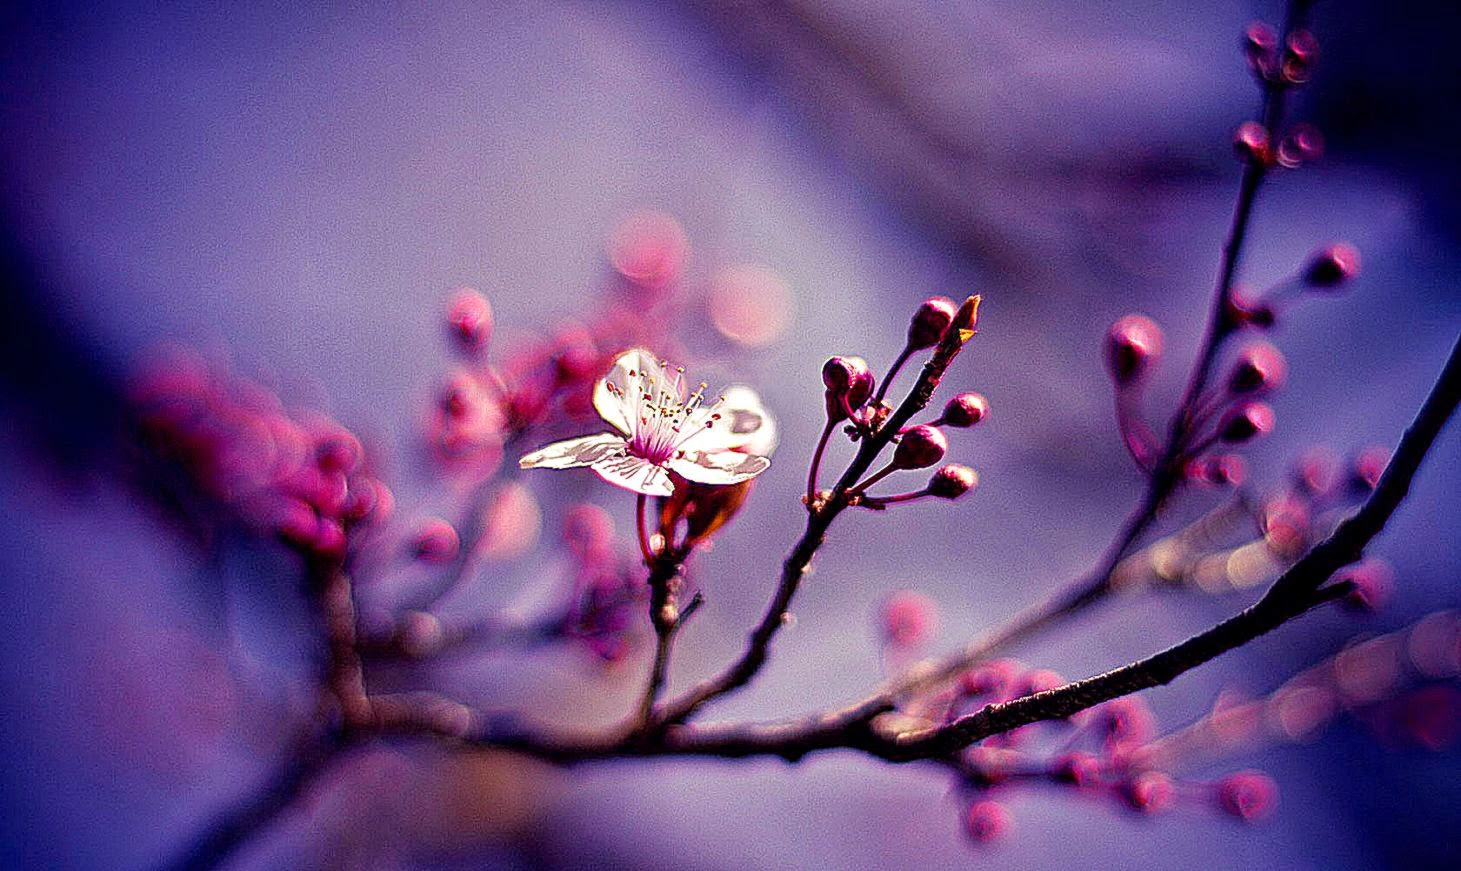 Flowers Desktop Wallpaper Spring Widescreen Pictures Www